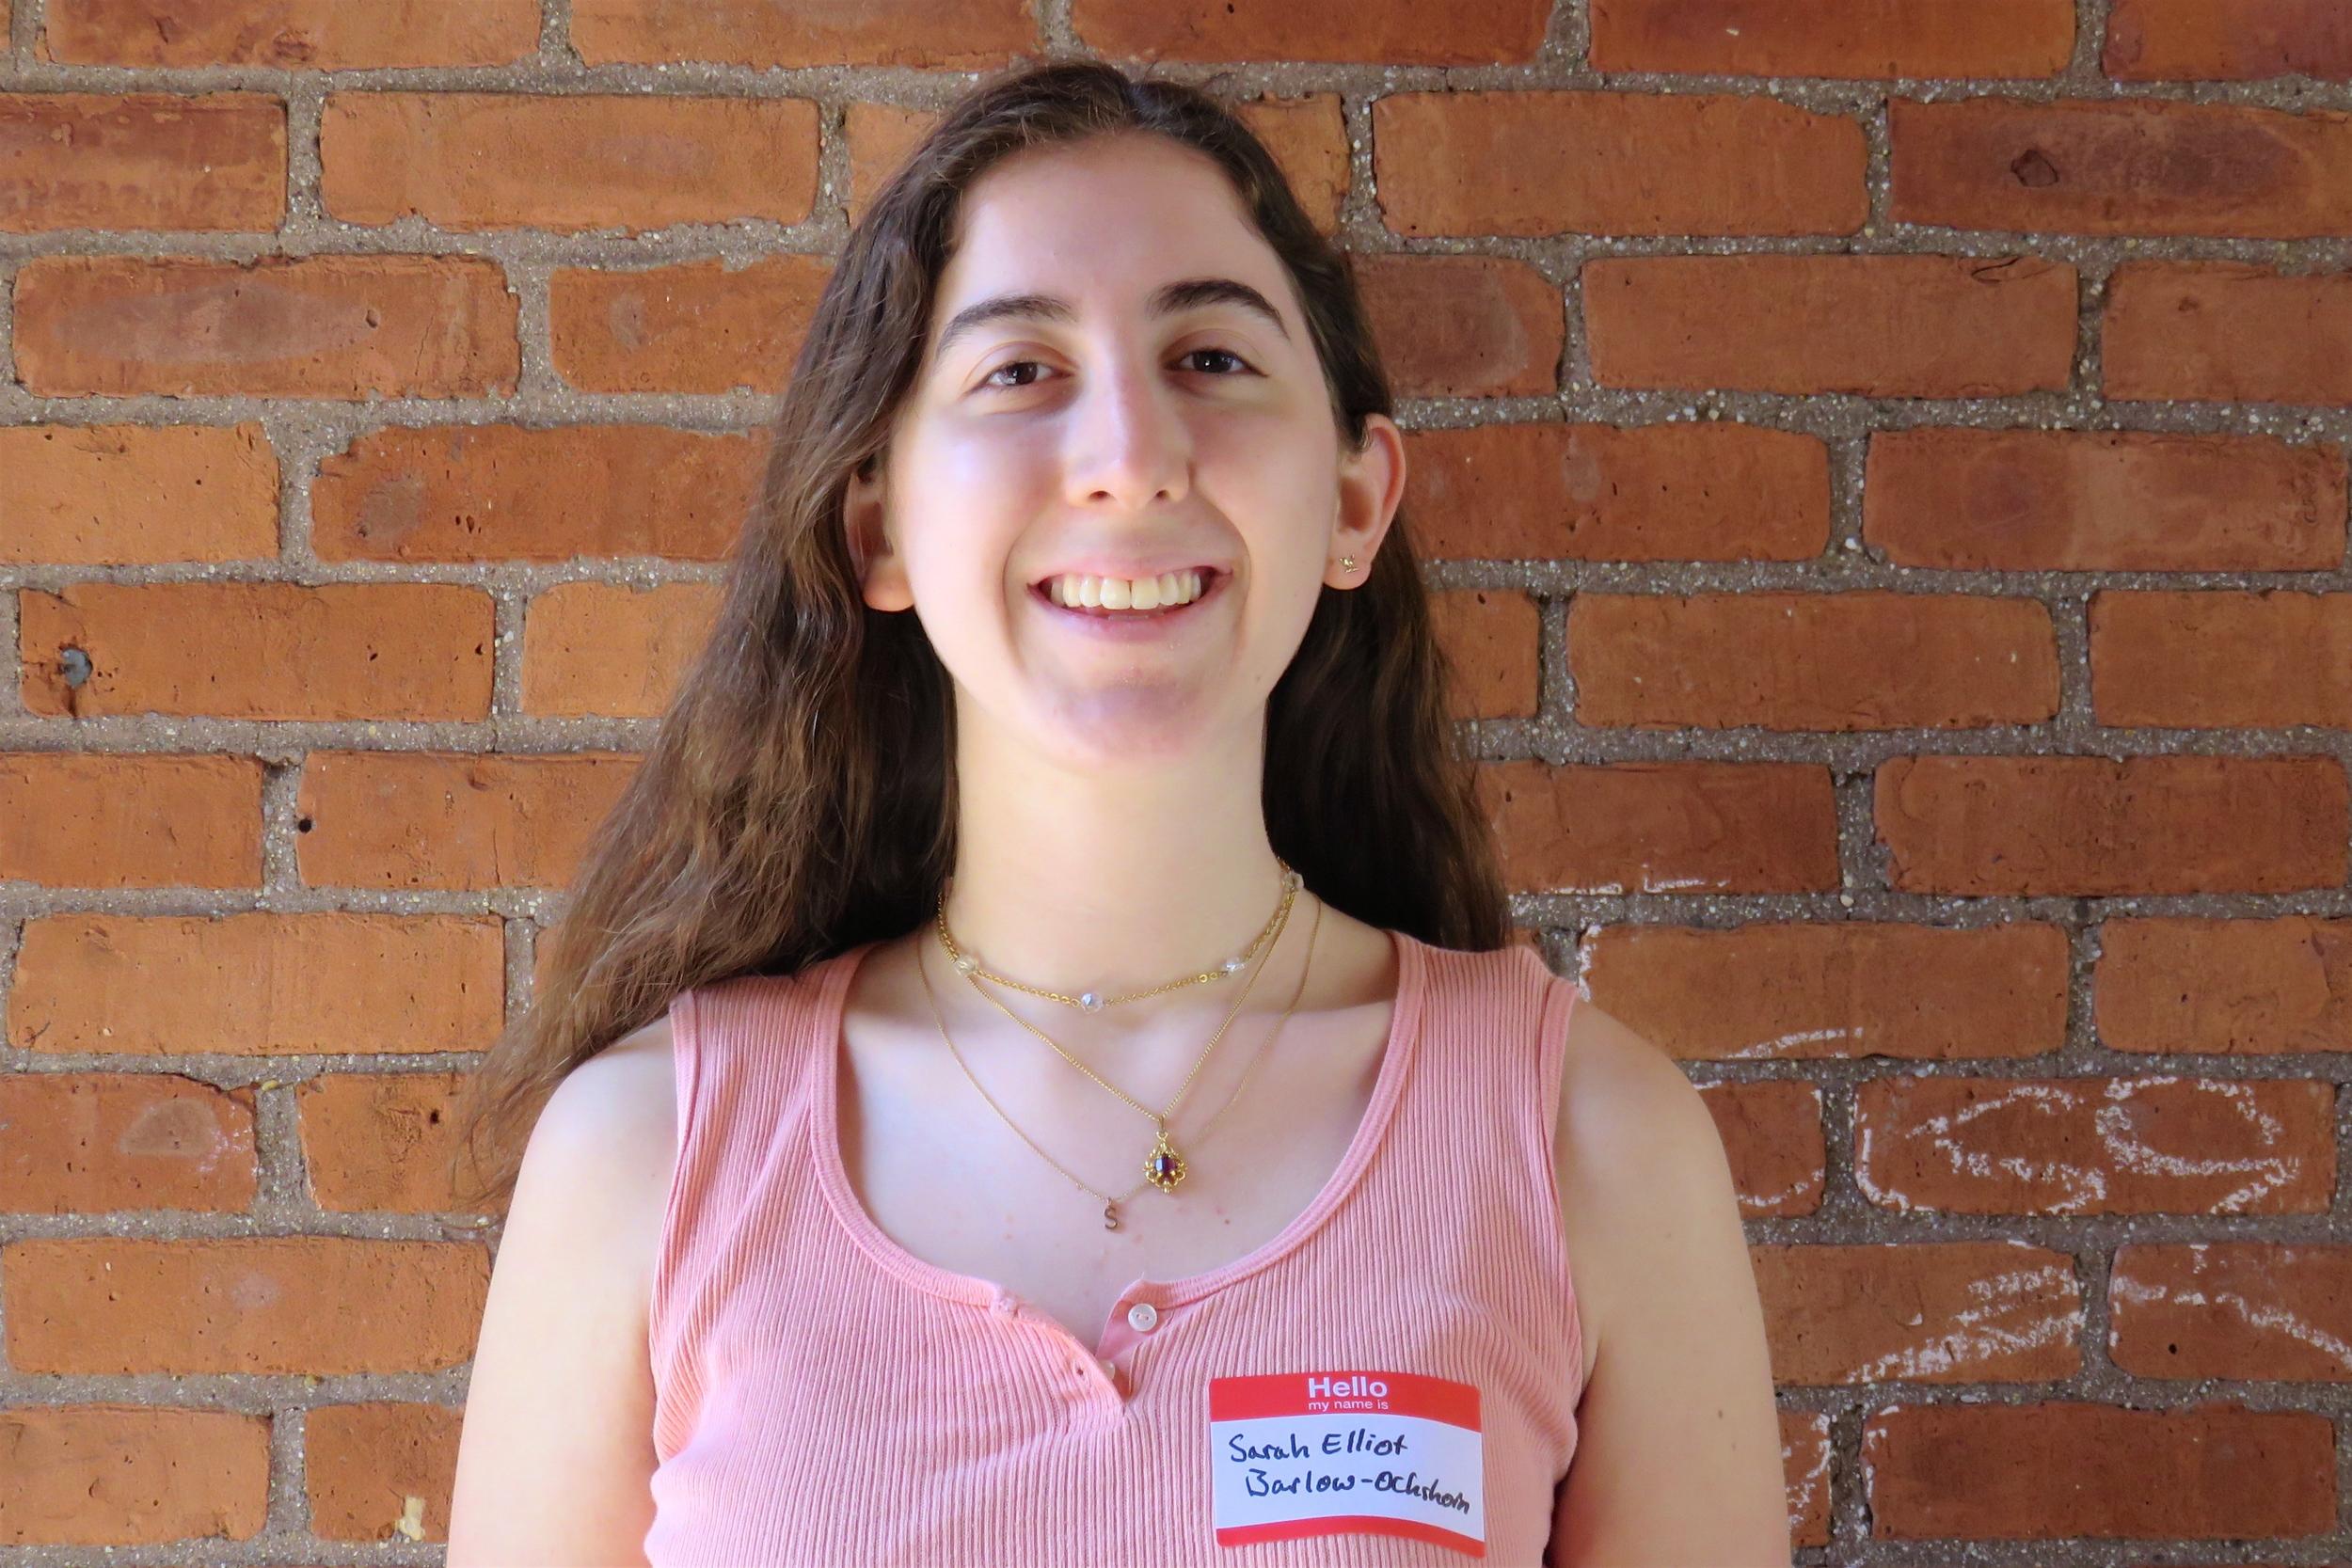 Sarah Elliot Barlow-Ochshorn